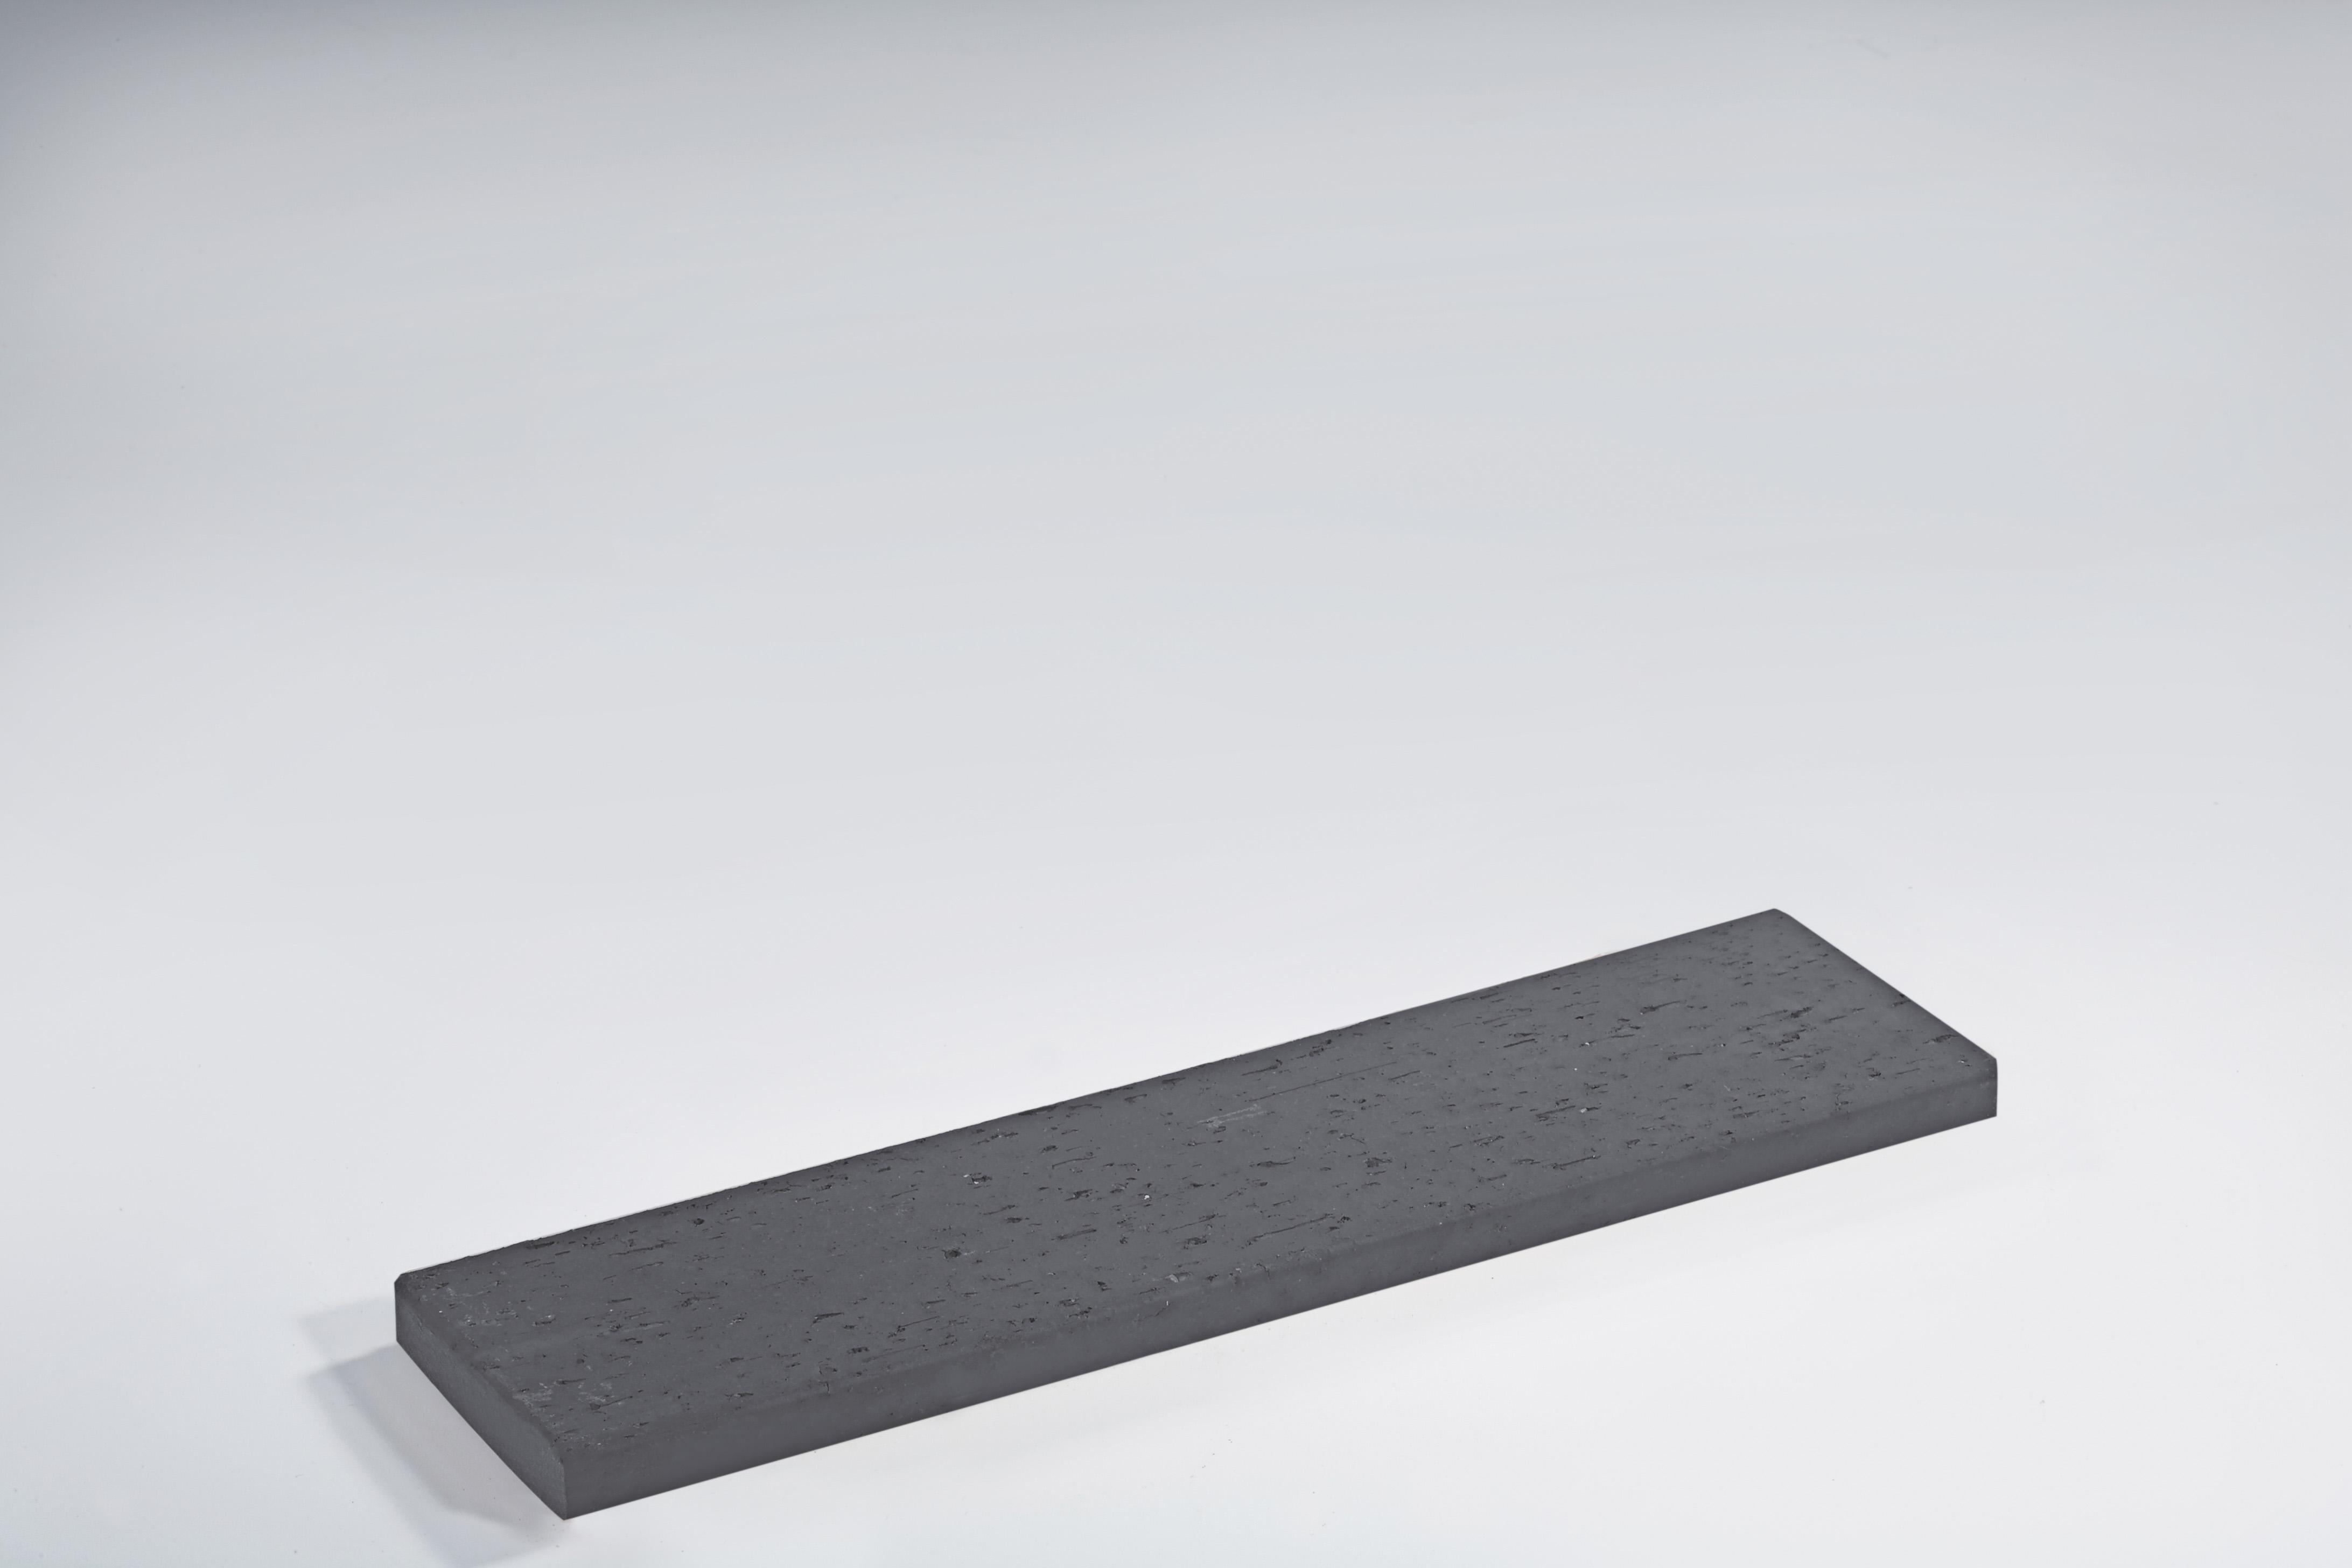 劈开砖厂家 2017湖北厂家直销外墙劈开砖报价,批发